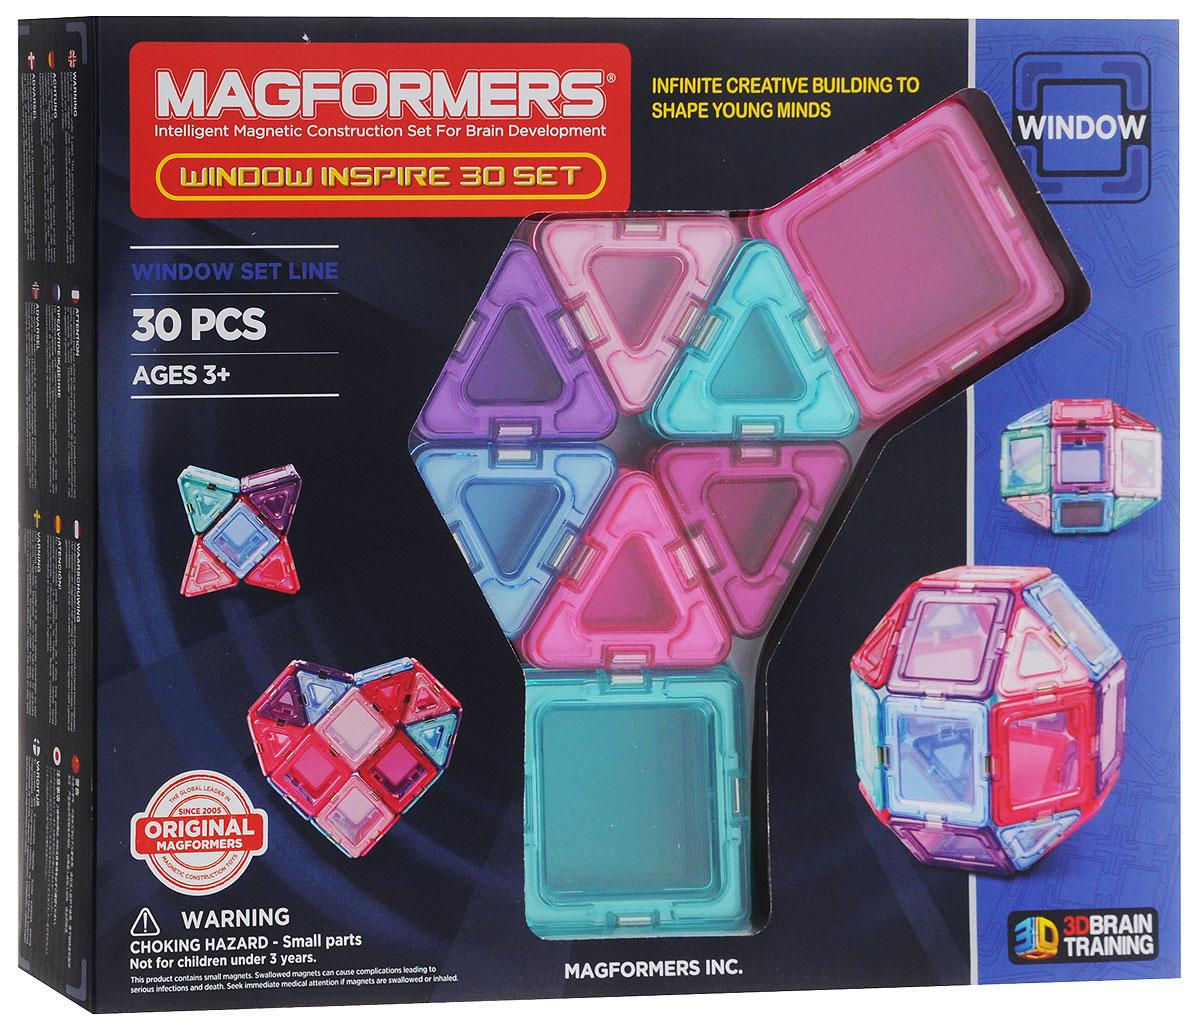 Magformers Магнитный конструктор Window Inspire Set 30714004Магнитный конструктор Magformers Window Inspire Set 30 - это специальное издание набора Magformers Window 30 в мягких пастельных цветах. Нежные оттенки розового, фиолетового и голубого особенно придутся по душе девочкам. Набор Window Inspire Set 30 прекрасно подойдет тем, кто только начинает знакомство с магнитными конструкторами Магформерс. В его состав входят 30 элементов. С этими базовыми деталями ребенок быстро освоит построение предметов на плоскости, а затем с легкостью перейдет к конструированию трехмерных моделей. Каждая деталь содержит окошко из цветного прозрачного пластика, что открывает новые возможности для творчества. Все элементы Magformers Window Inspire Set 30 также совместимы с любыми другими наборами Магформерс, что позволяет пополнить уже имеющуюся коллекцию новыми необычными цветами и расширить варианты возможных построек. Конструкторы Магформерс - это неиссякаемый источник веселья и творчества! Множество различных по форме деталей позволяет...